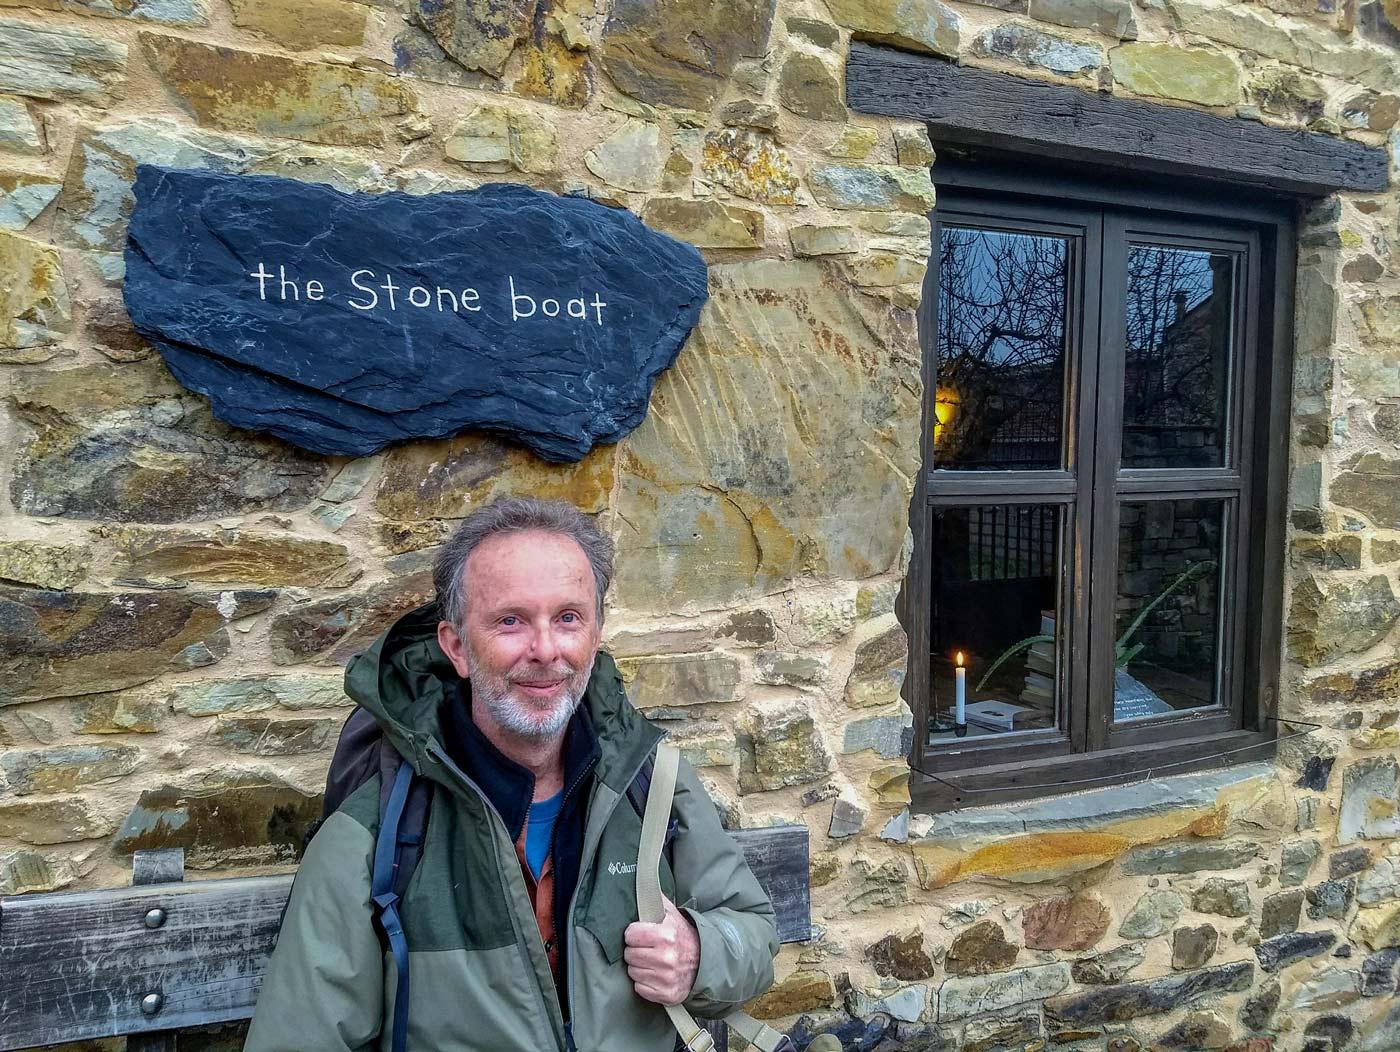 Robert Ward at the Stone Boat